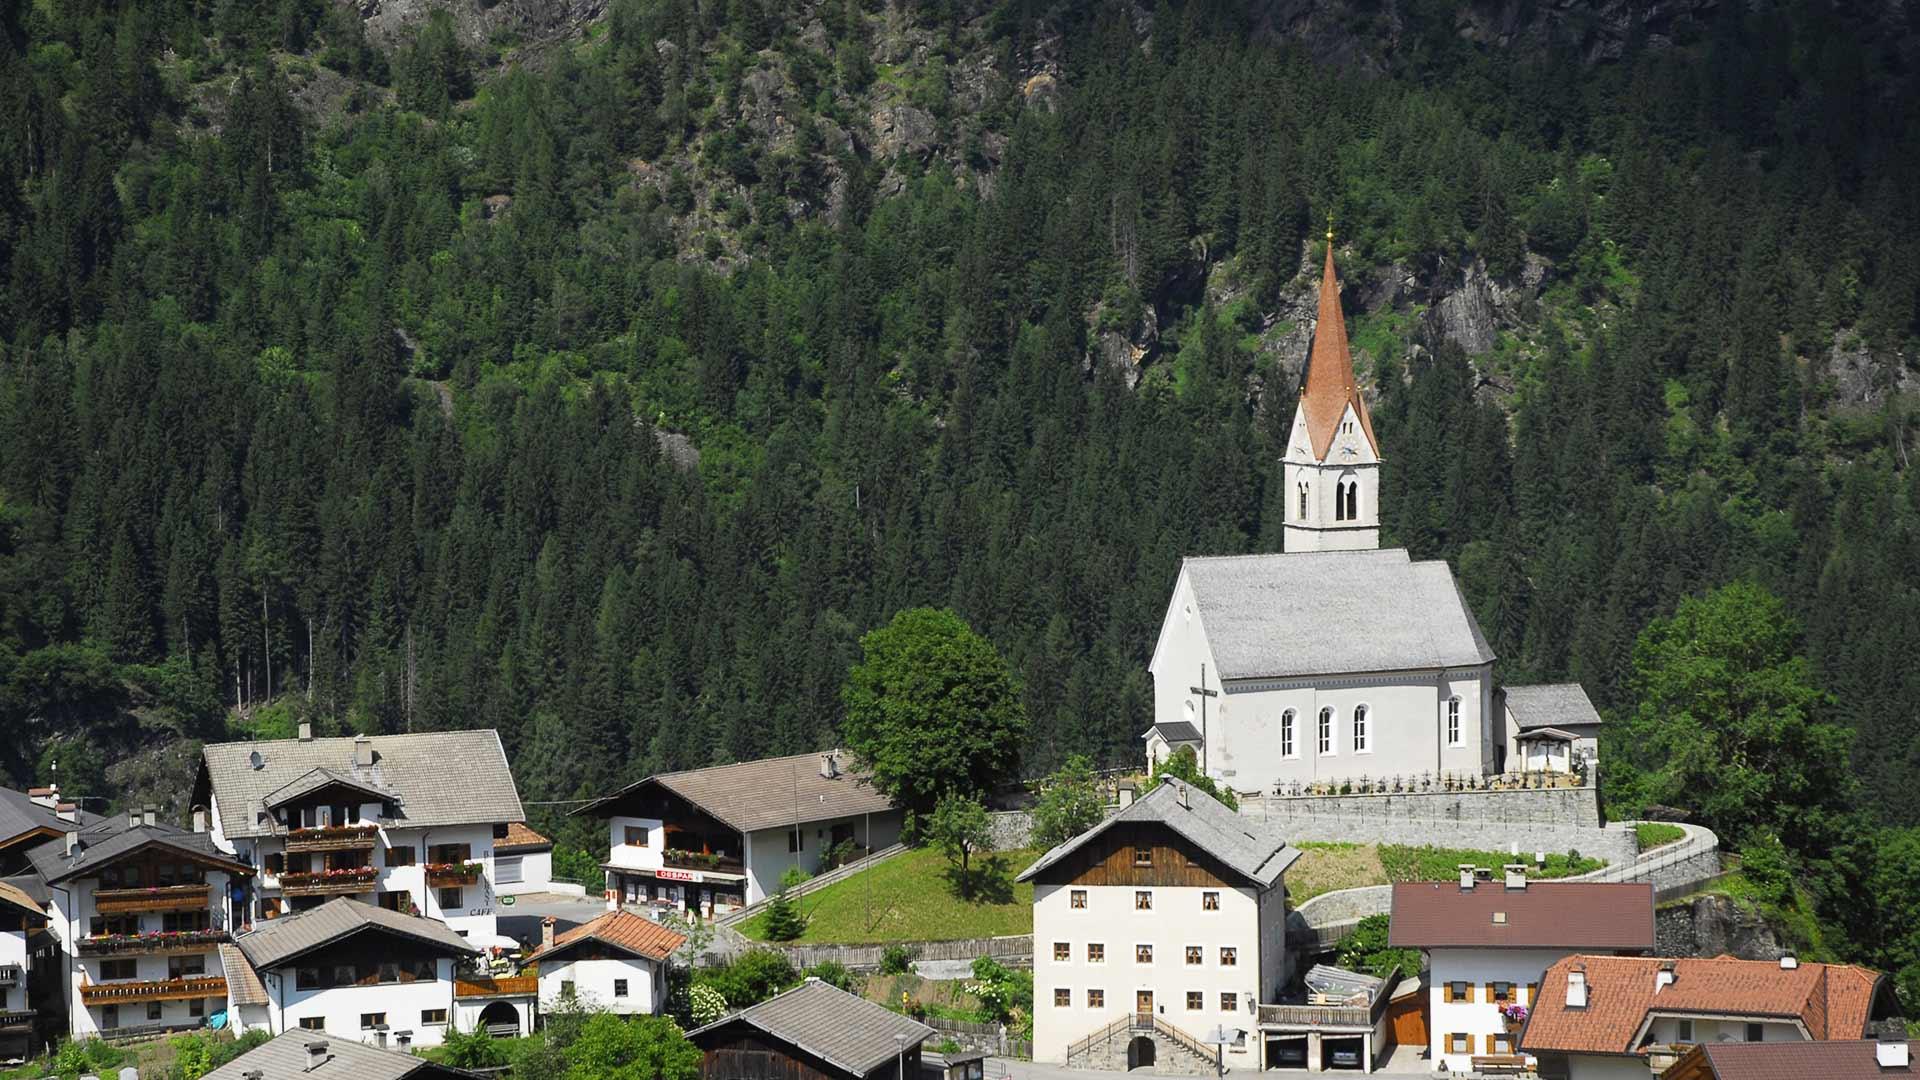 Blick zur Kirche - Moos in Passeier